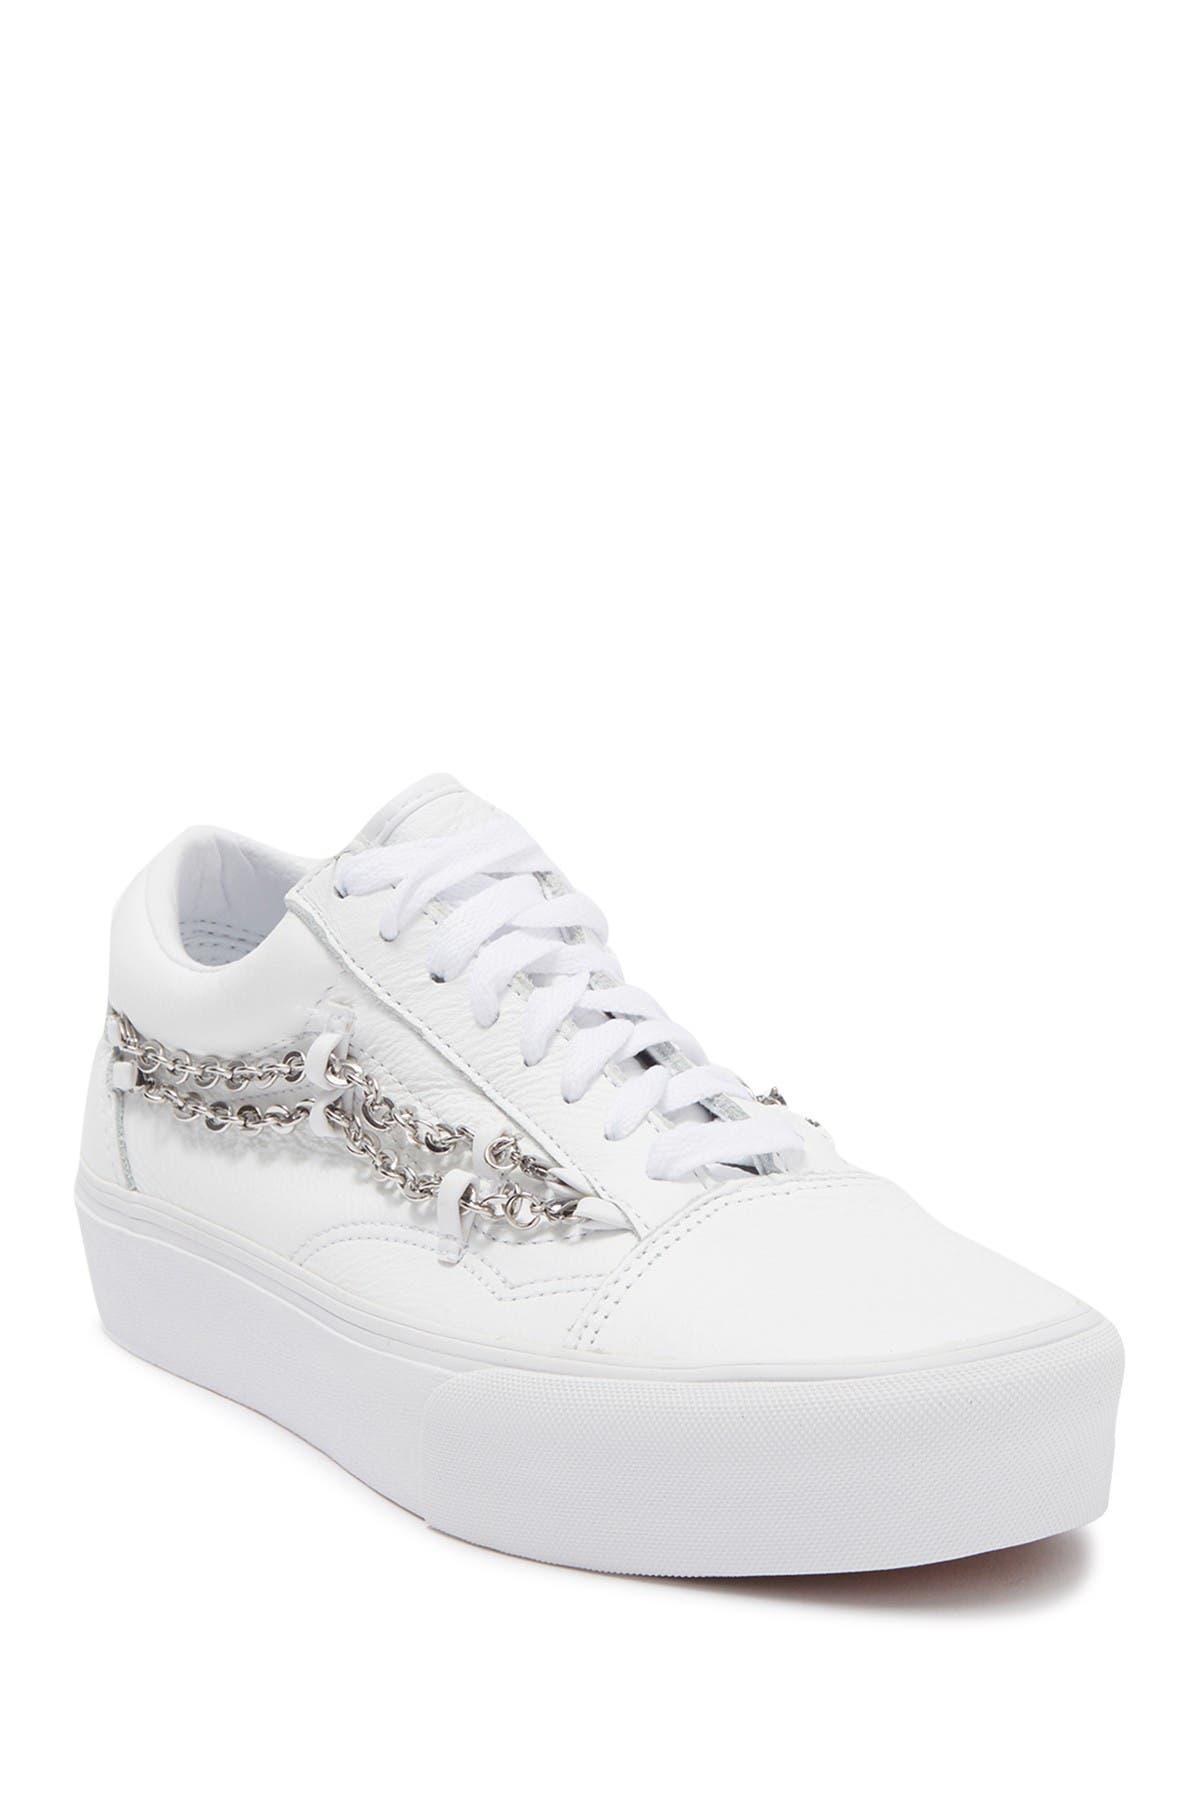 Image of VANS Old Skool Chain Flatform Sneaker